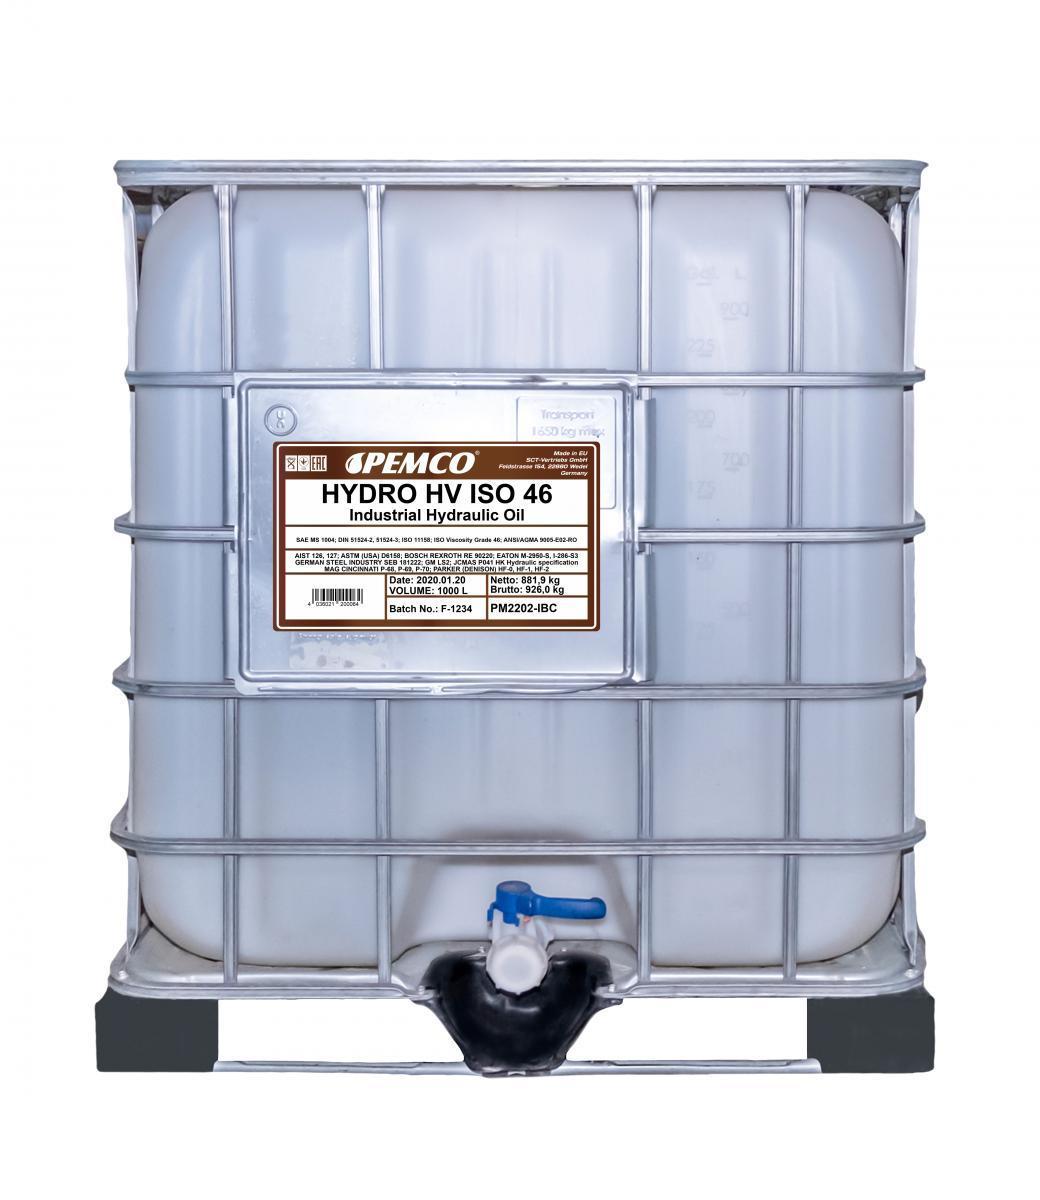 Acquisti PEMCO Olio impianto idraulico PM2202-IBC furgone